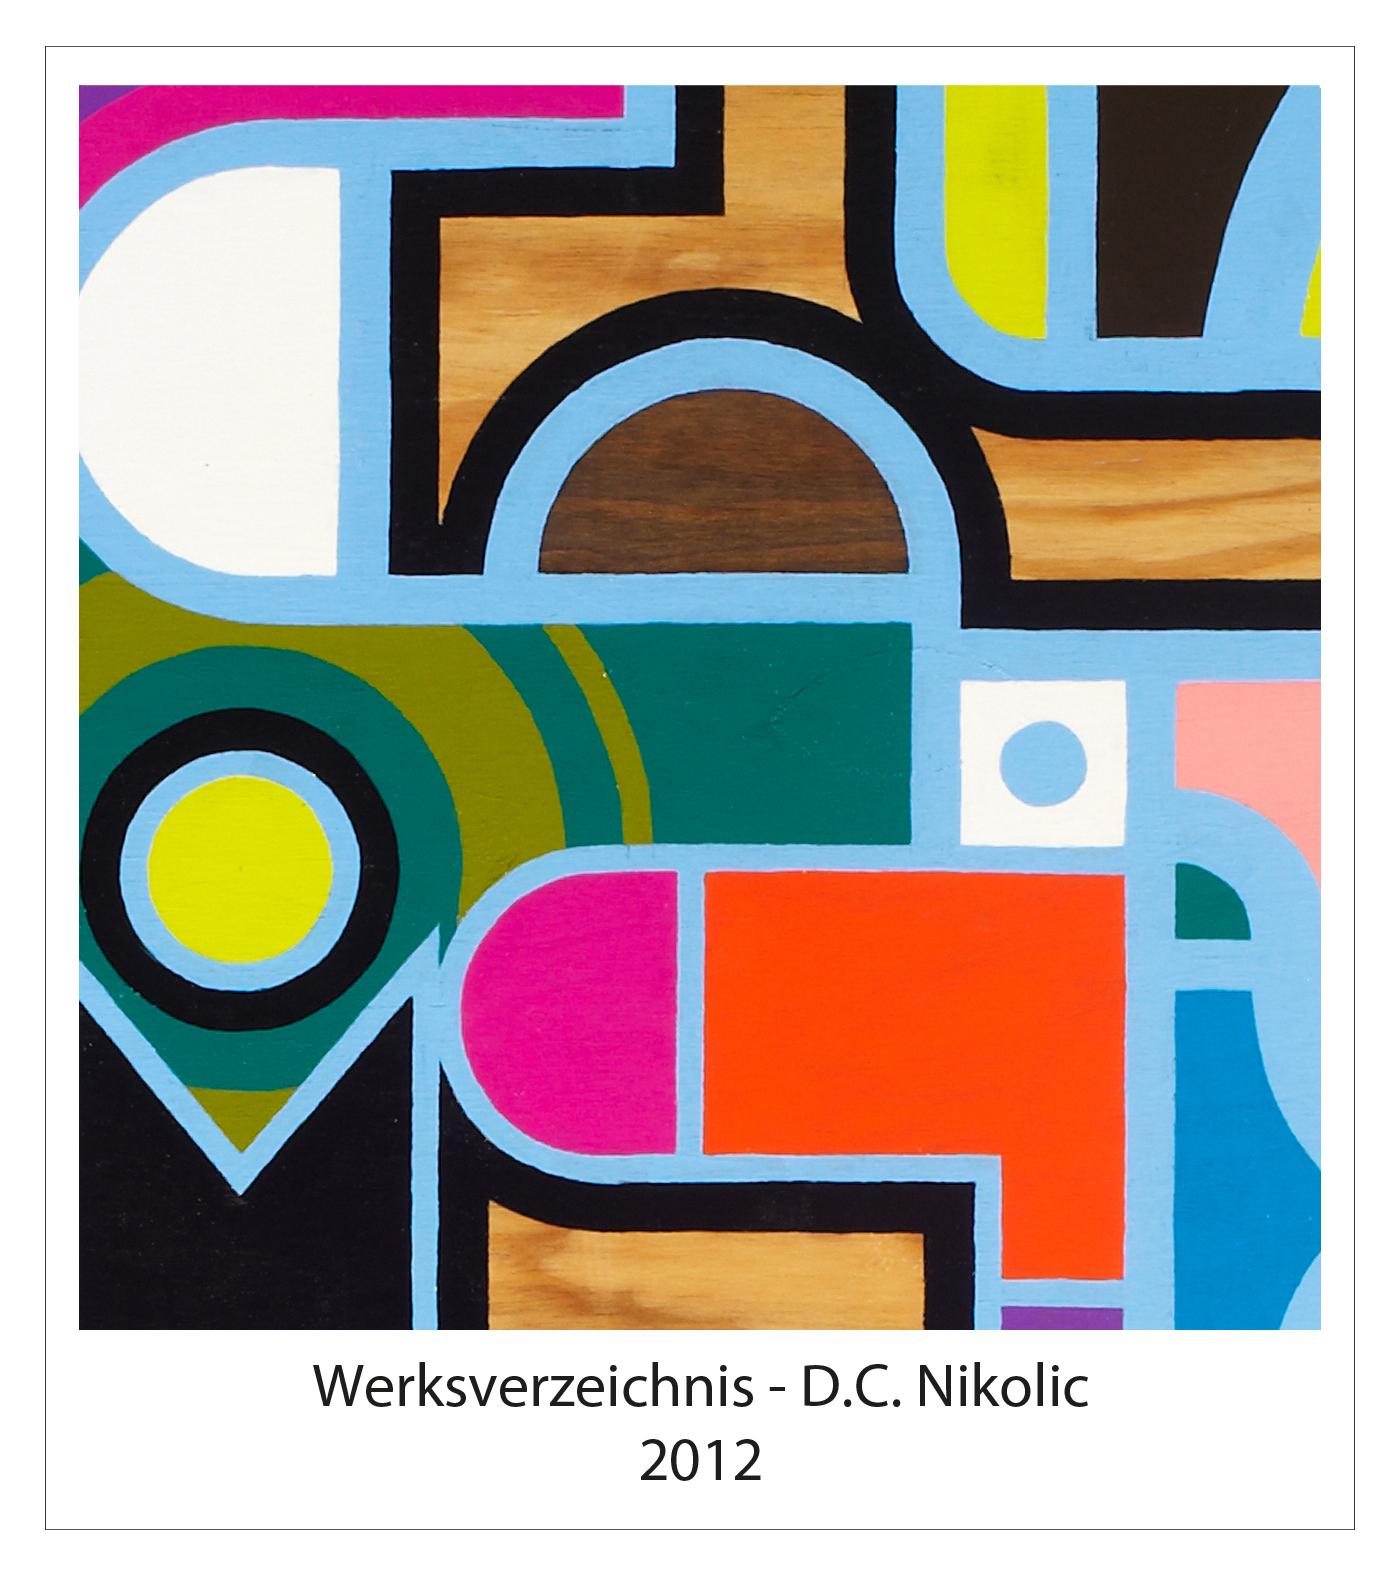 Werksverzeichnis 2012 Darko Caramello Nikolic